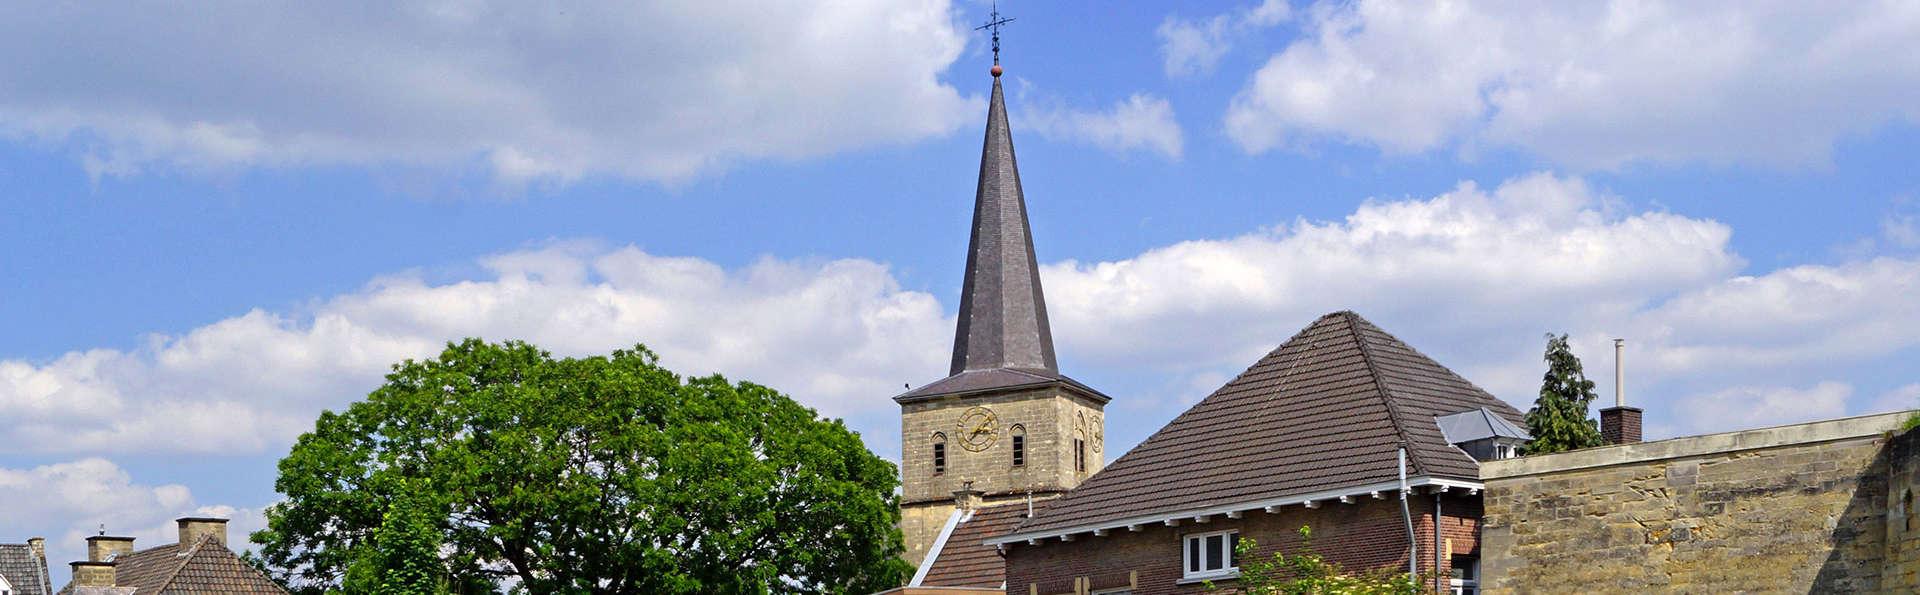 Huis ter Geul - Edit_Valkenburg.jpg